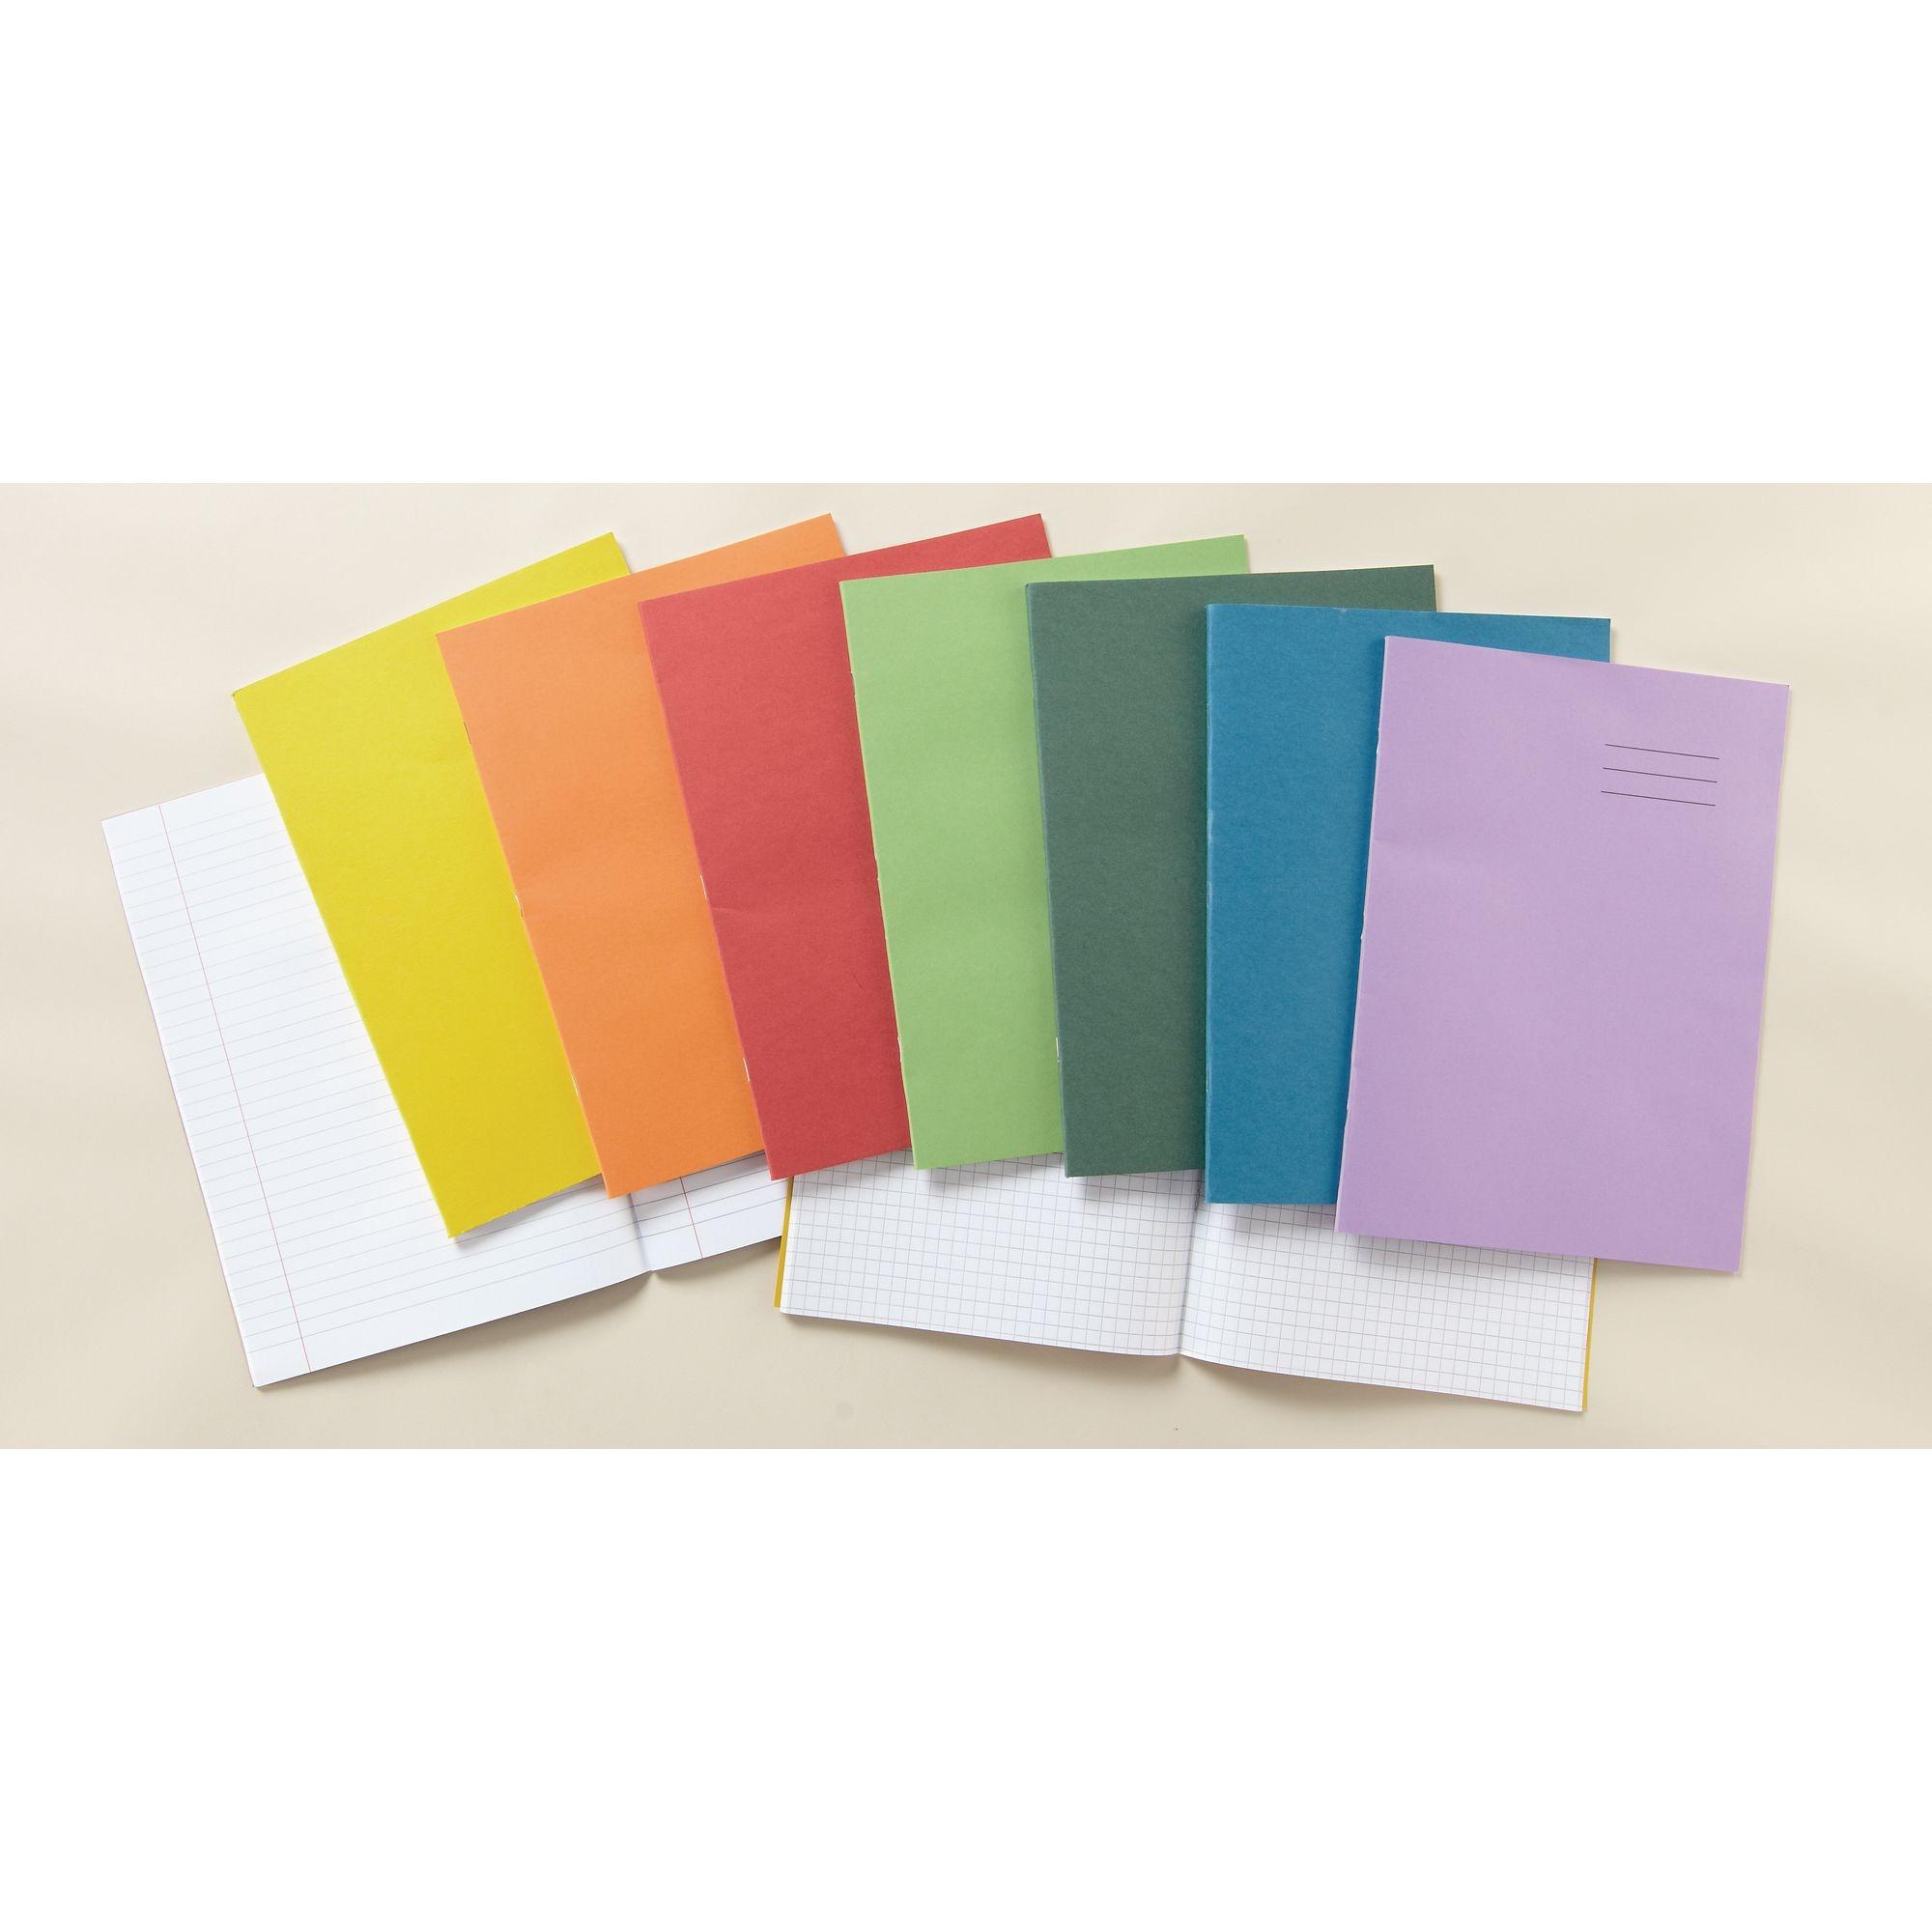 Classmates Light Blue A4 Classmates Exercise Book 64 Pages Plain (Pack of 50)